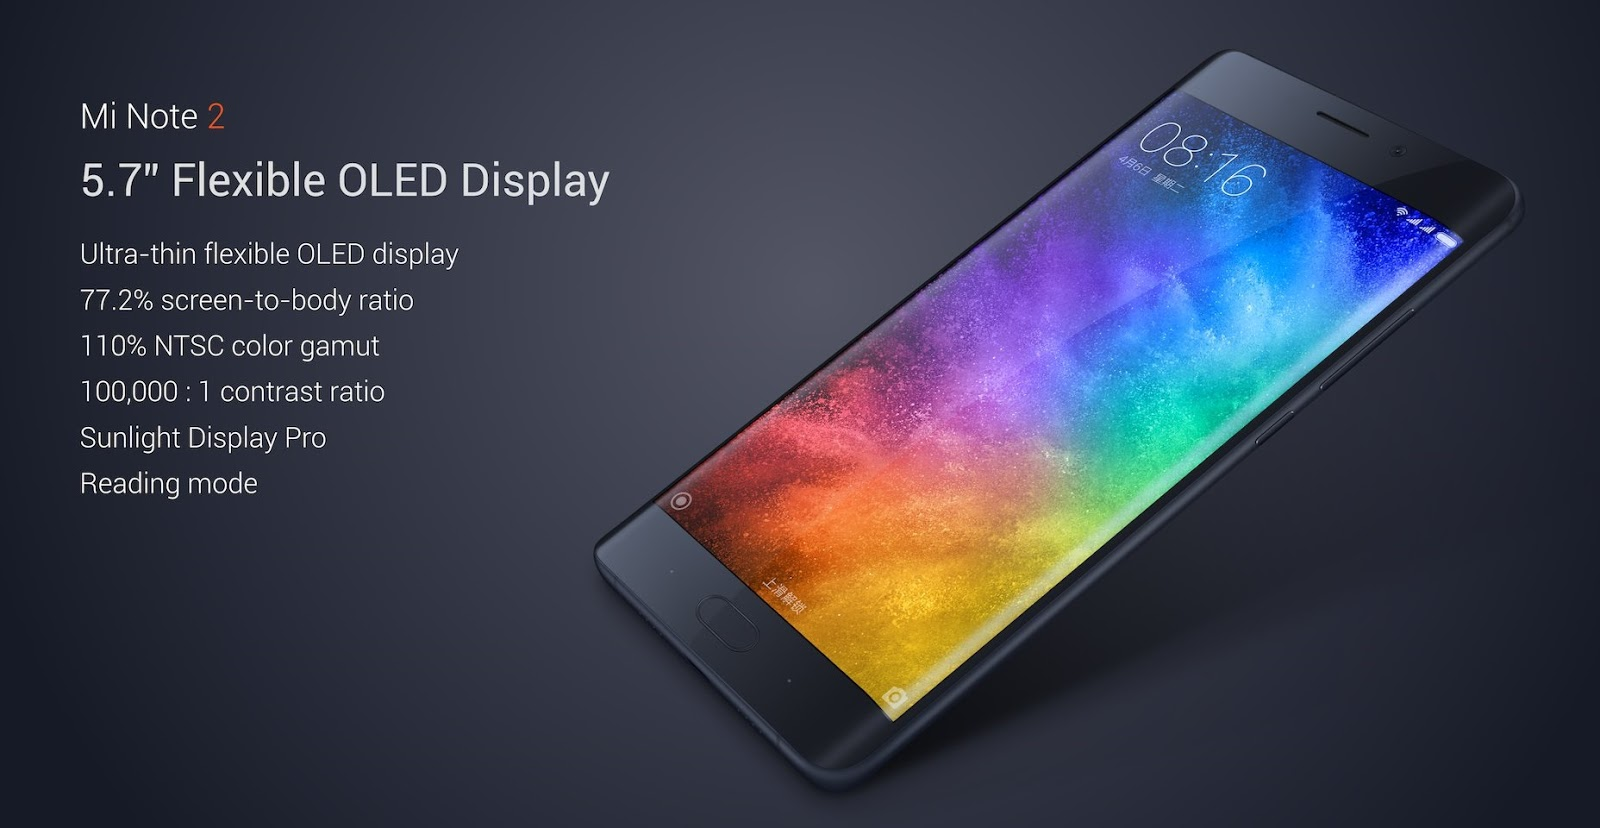 Осенний смартфонопад: китайский «Galaxy Note 7» и другие новинки от Xiaomi - 22